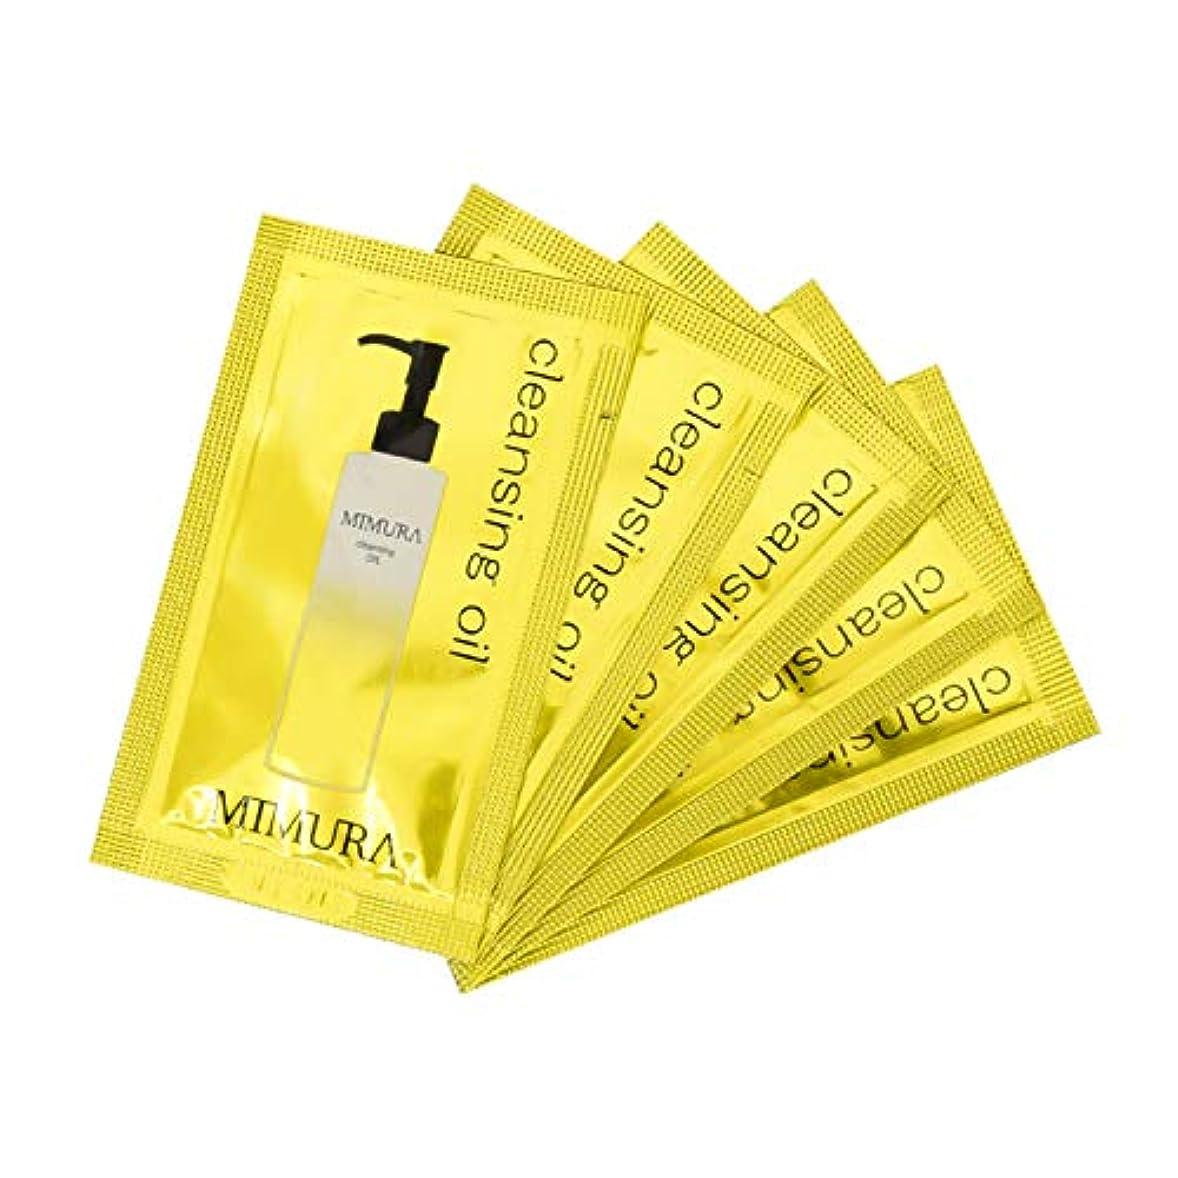 クレンジングオイル マツエク ok w洗顔不要 毛穴 メイク落とし ミムラ 試供品 5個入り ゆうパケット(ポスト投函)での発送となります。 MIMURA 日本製 ※おひとり様1点、1回限りとなります。